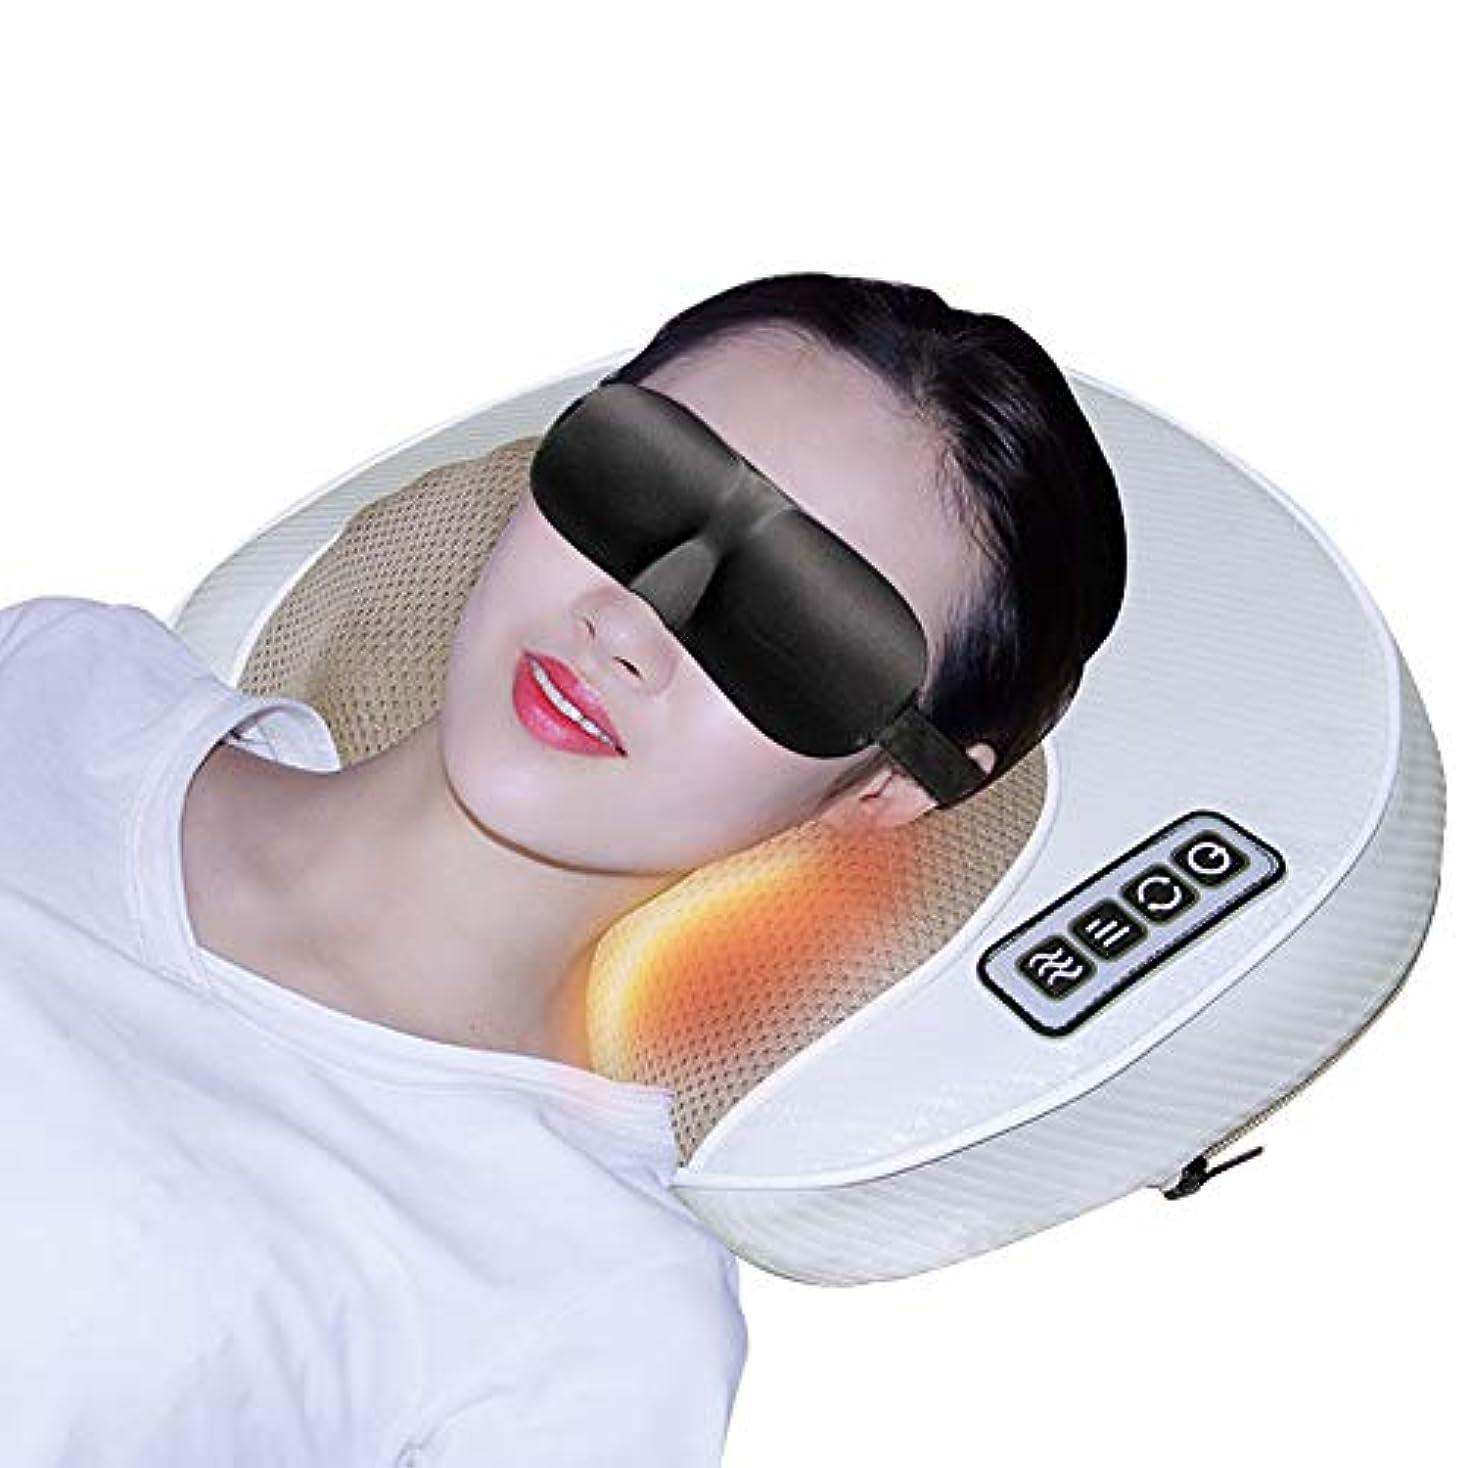 作動する他に気候RanBow 8D首マッサージピロー 首/肩/背中/お腹/腰/太もも/ふくらはぎ/足裏 マッサージャー マッサージ クッション 枕 赤外温熱療法 16個の揉み玉 3階段のレベル 15分オートオフタイマー 3Dアイマスク付 クリーム